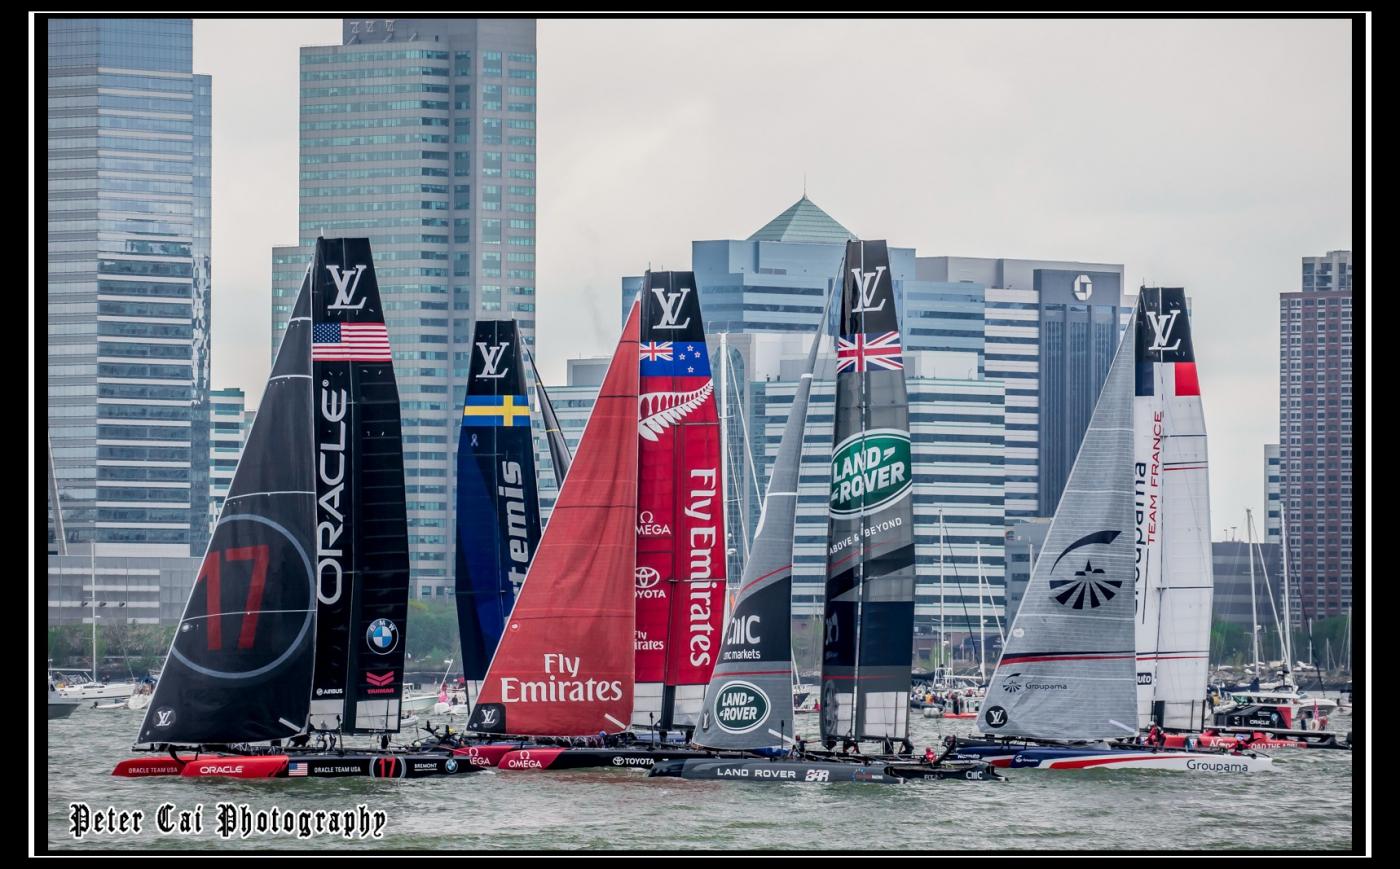 美洲杯LV之路易斯威登杯帆船赛 现场_图1-5